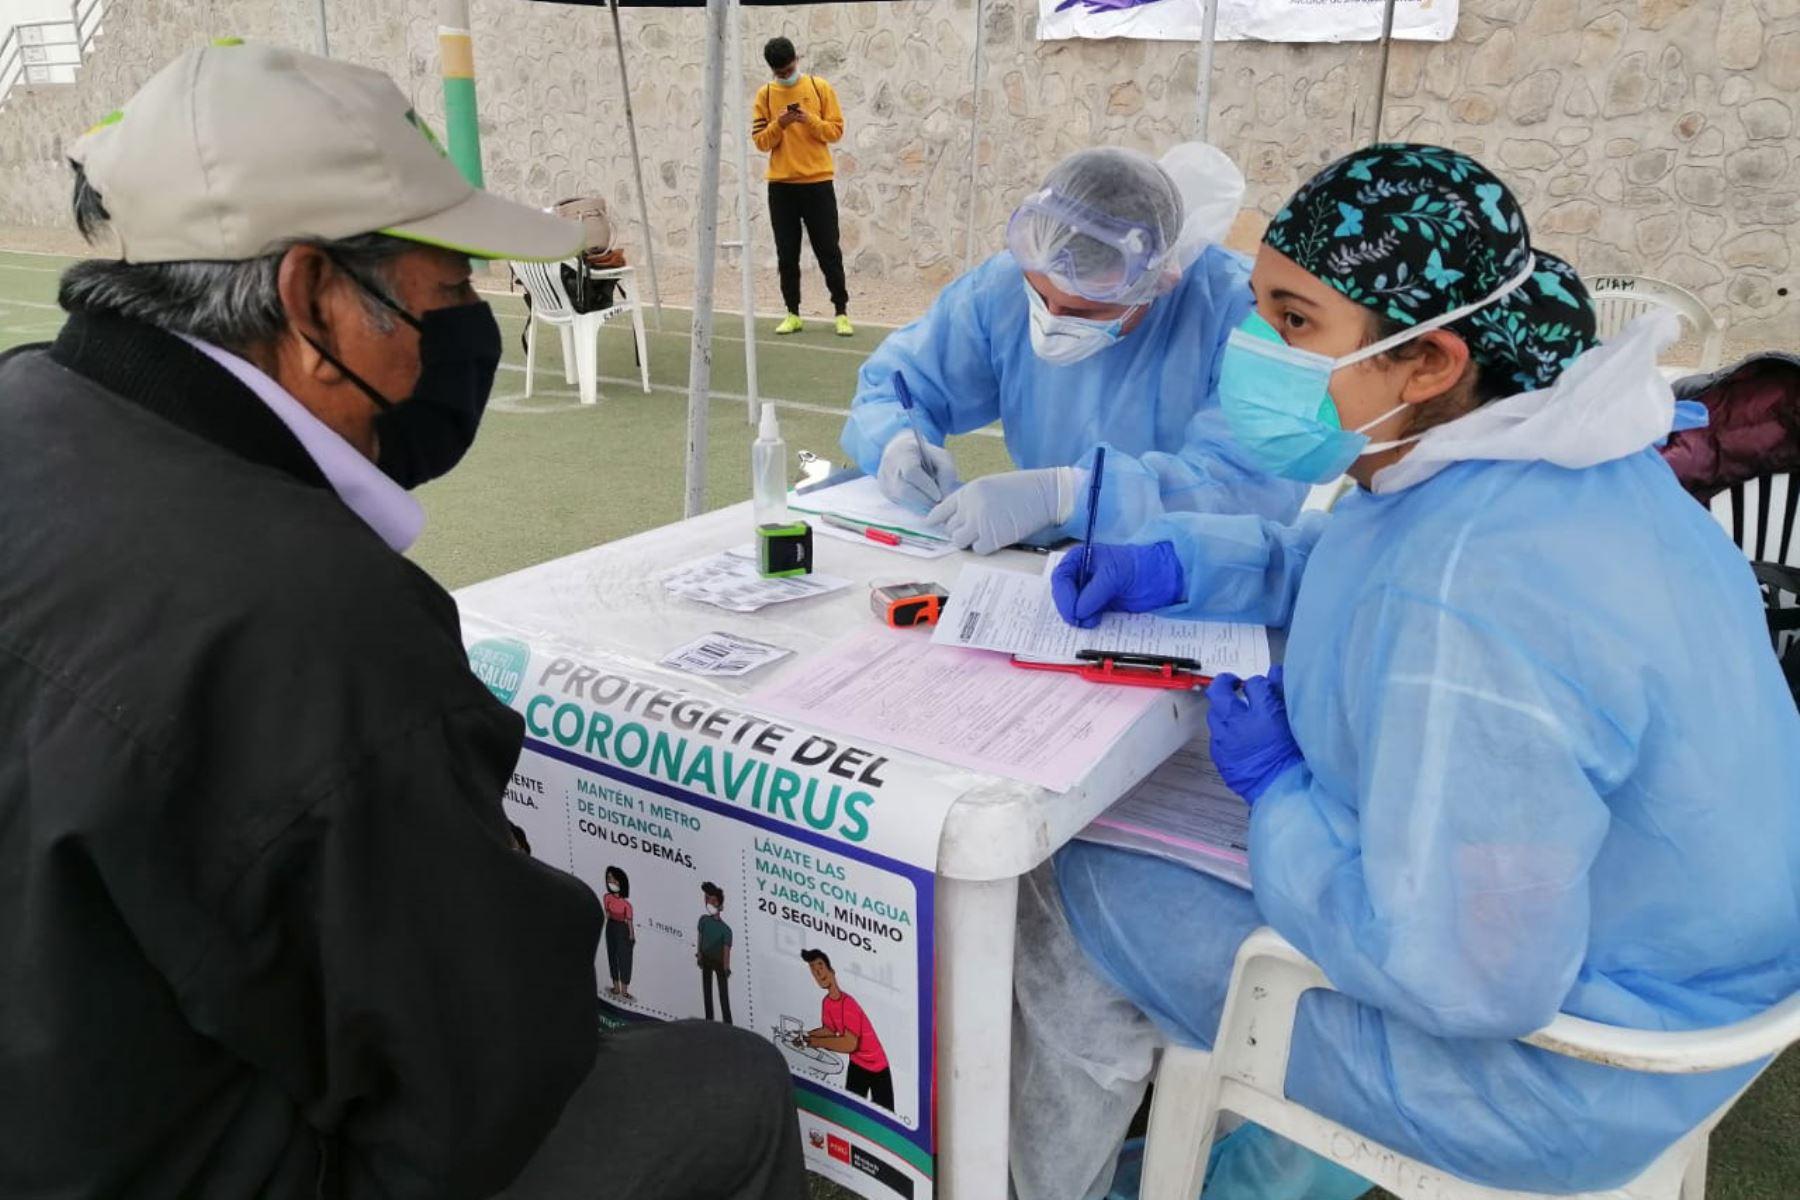 Durante el 26 de noviembre se registraron los resultados de 19,652 personas muestreadas, de los cuales 634 fueron casos sintomáticos confirmados de ese día. Foto: ANDINA/Minsa